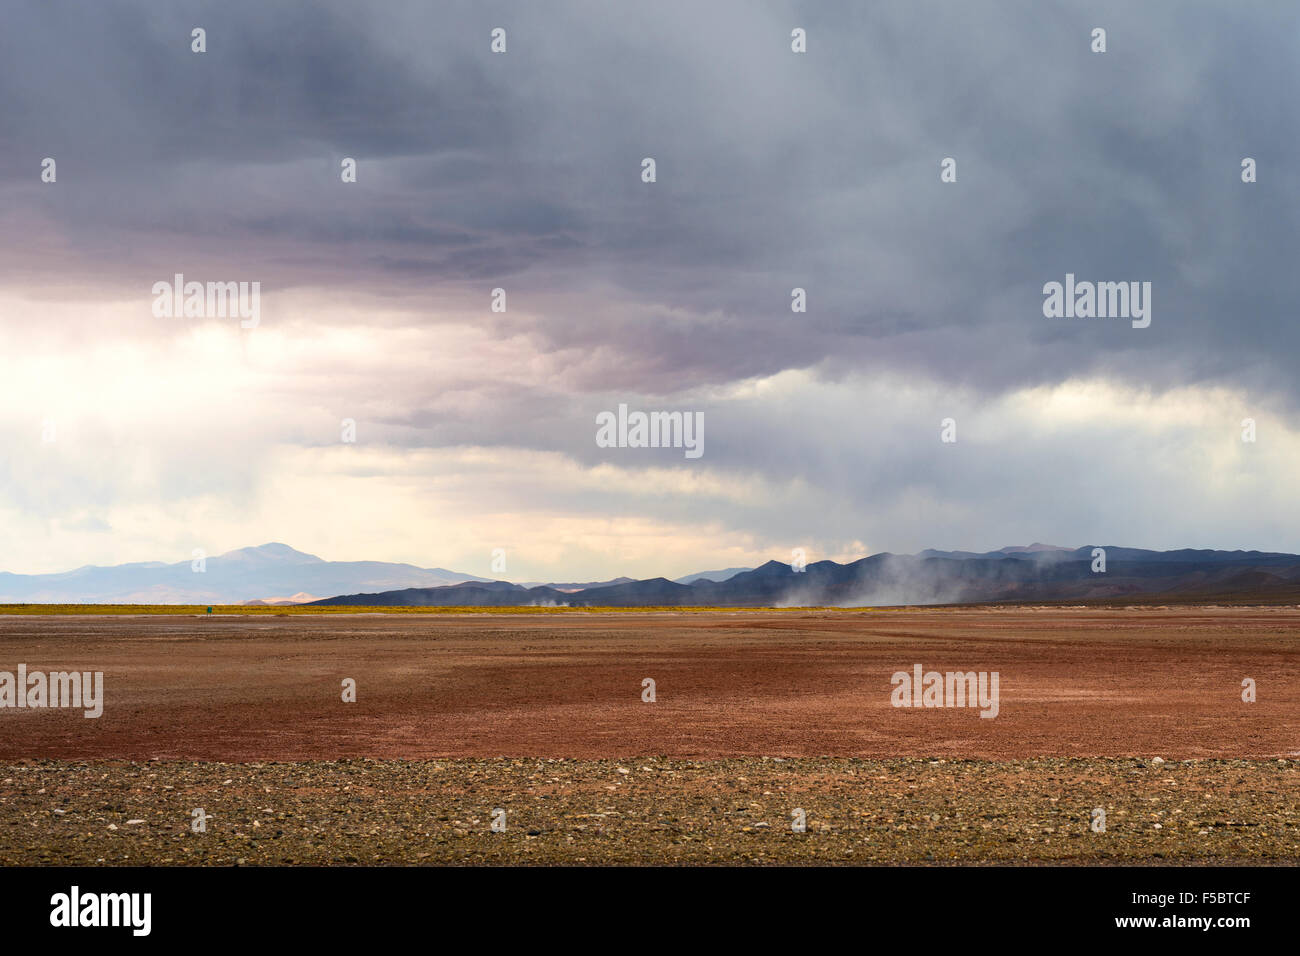 Entstehung der Sandstürme in der Wüste von Salinas Grandes, Nördliches Argentinien Stockbild